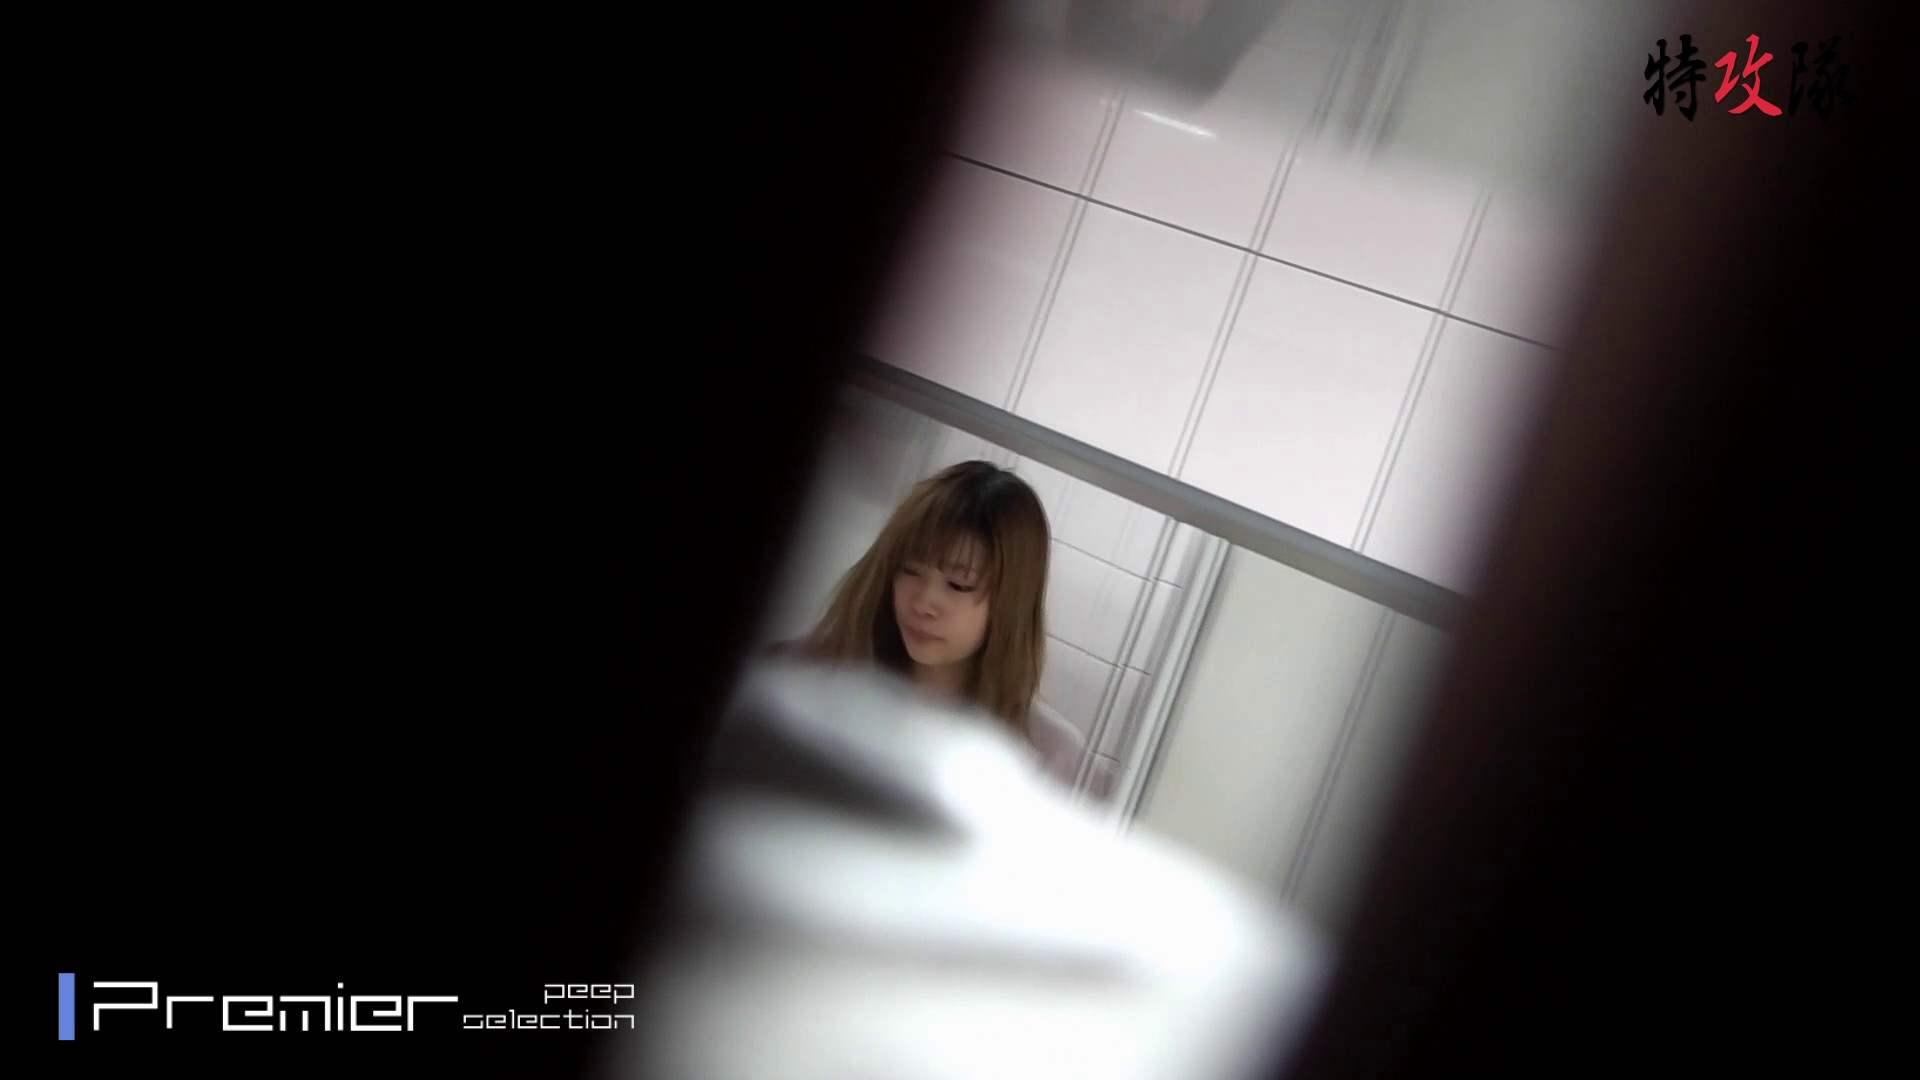 幻 03 本領発揮 高画質 アダルト動画キャプチャ 94枚 94